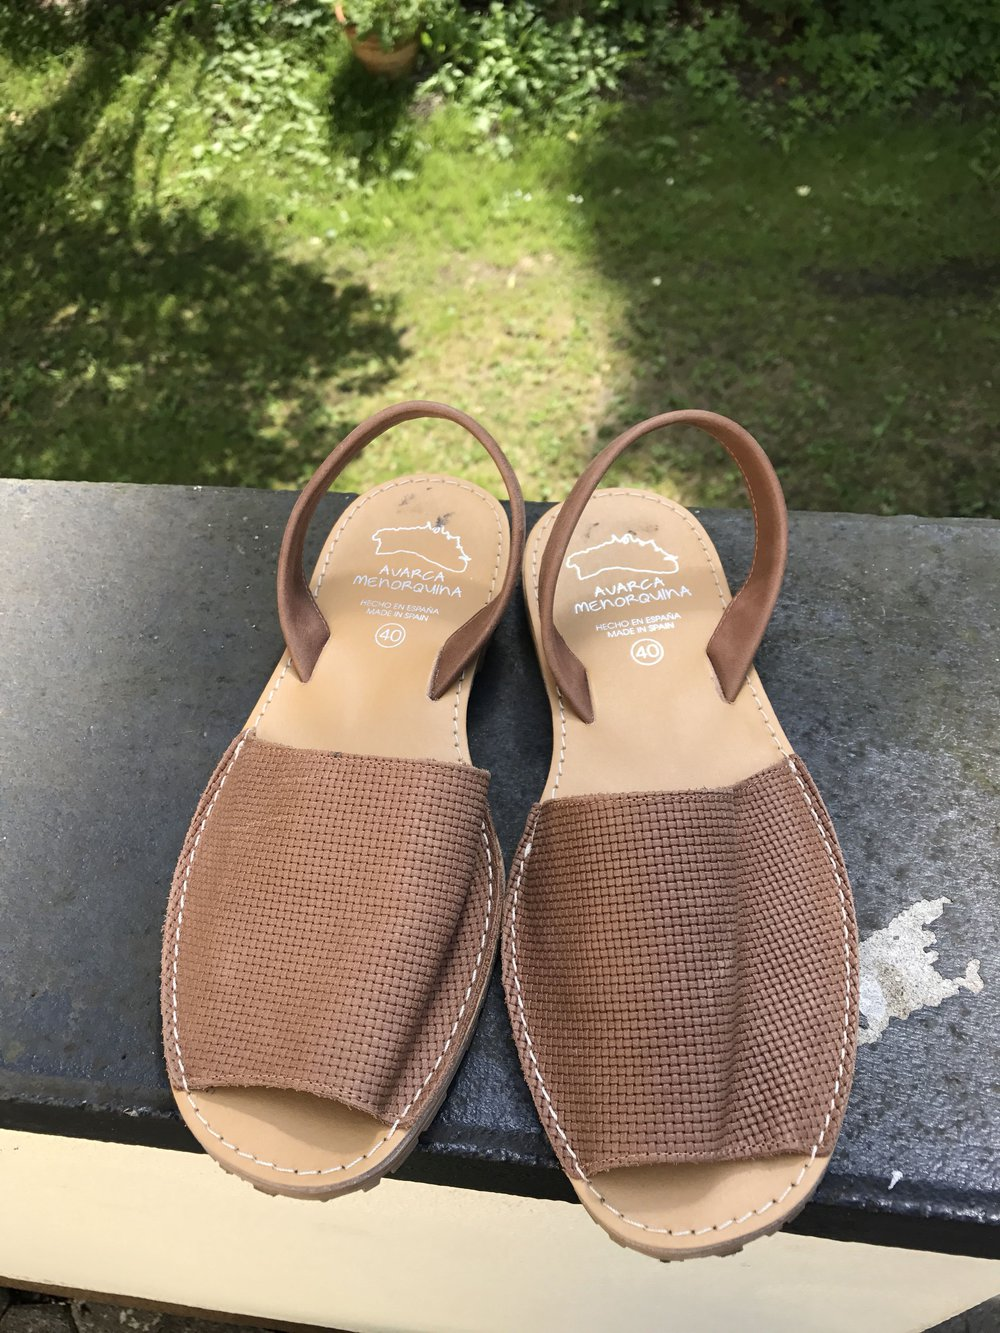 263e3d541e4b46 Spanische Sandalen aus Leder    Kleiderkorb.de